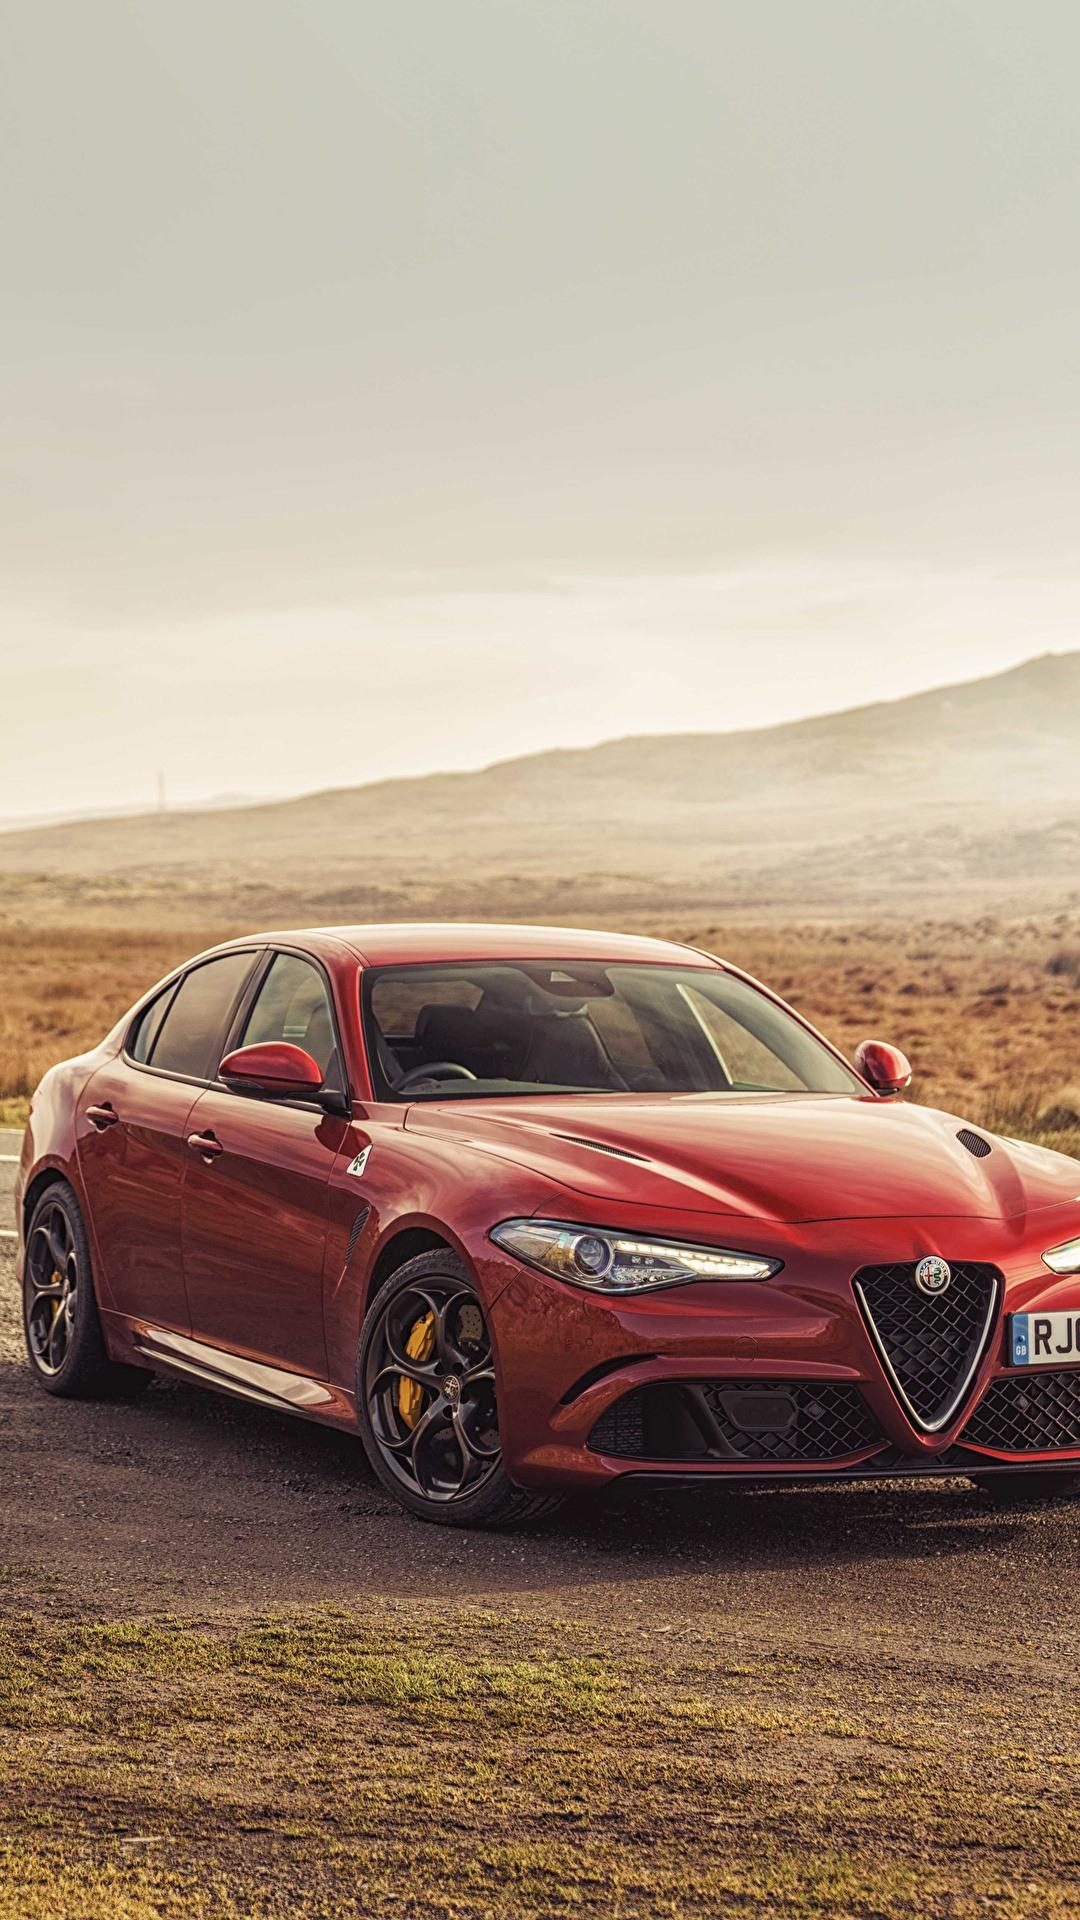 Alfa Romeo Giulia Quadrifoglio Road 2576809 Hd Wallpaper